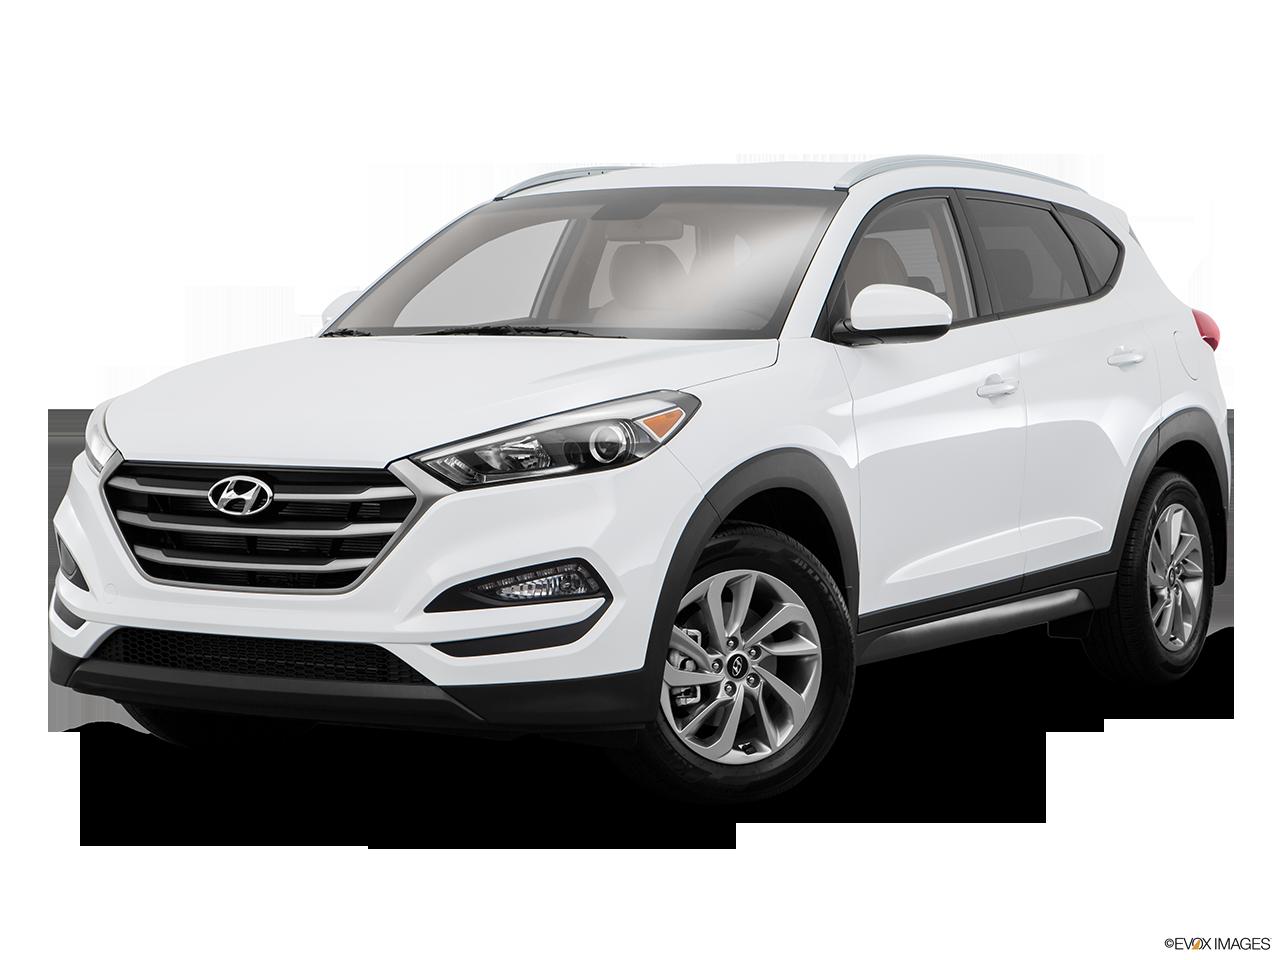 2017 Hyundai Sonata Hybrid >> New 2017 Hyundai Tucson NH | Concord | Manchester | Deals